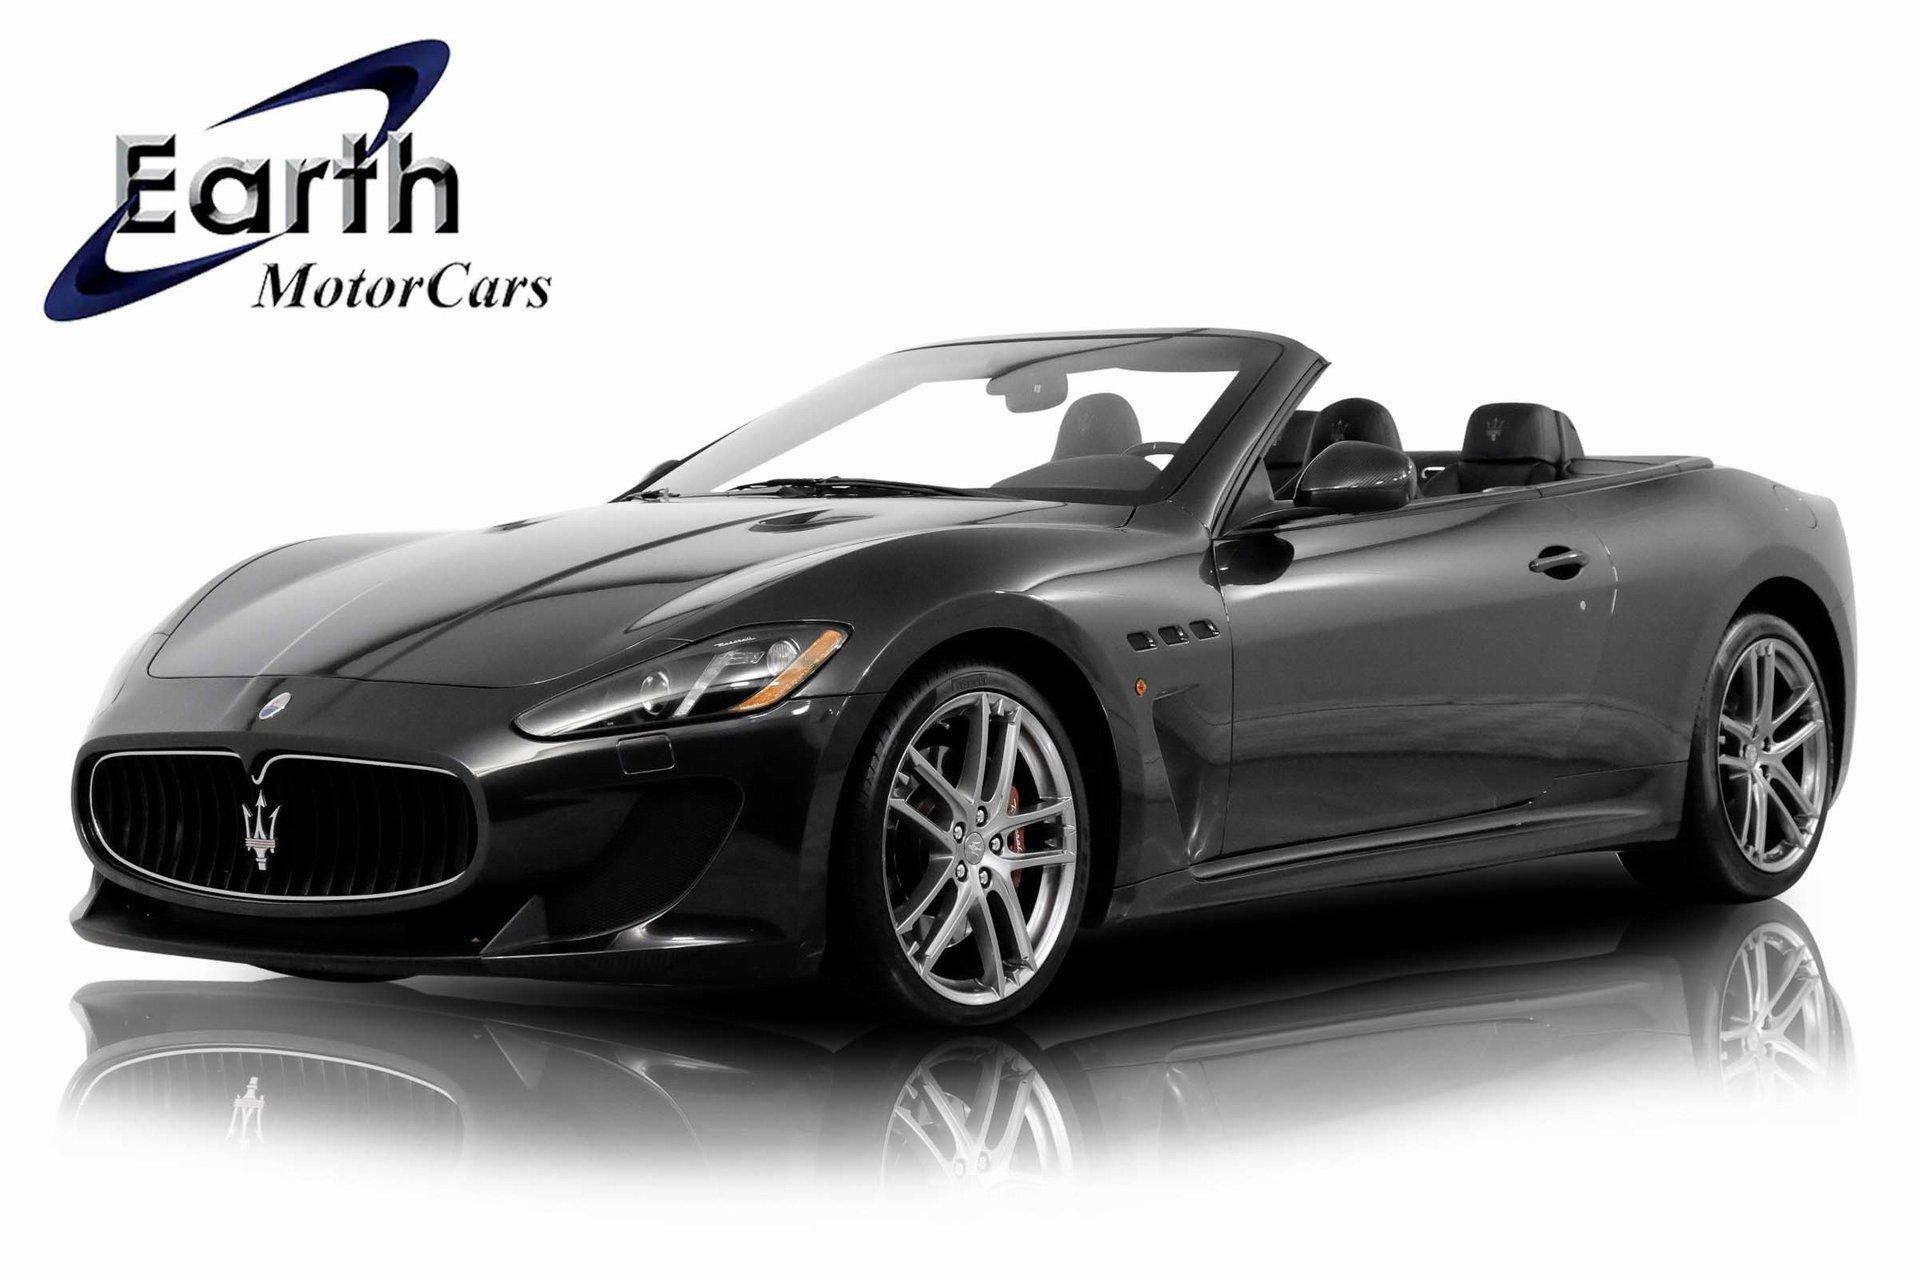 2013 Maserati GranTurismo Sport Convertible image